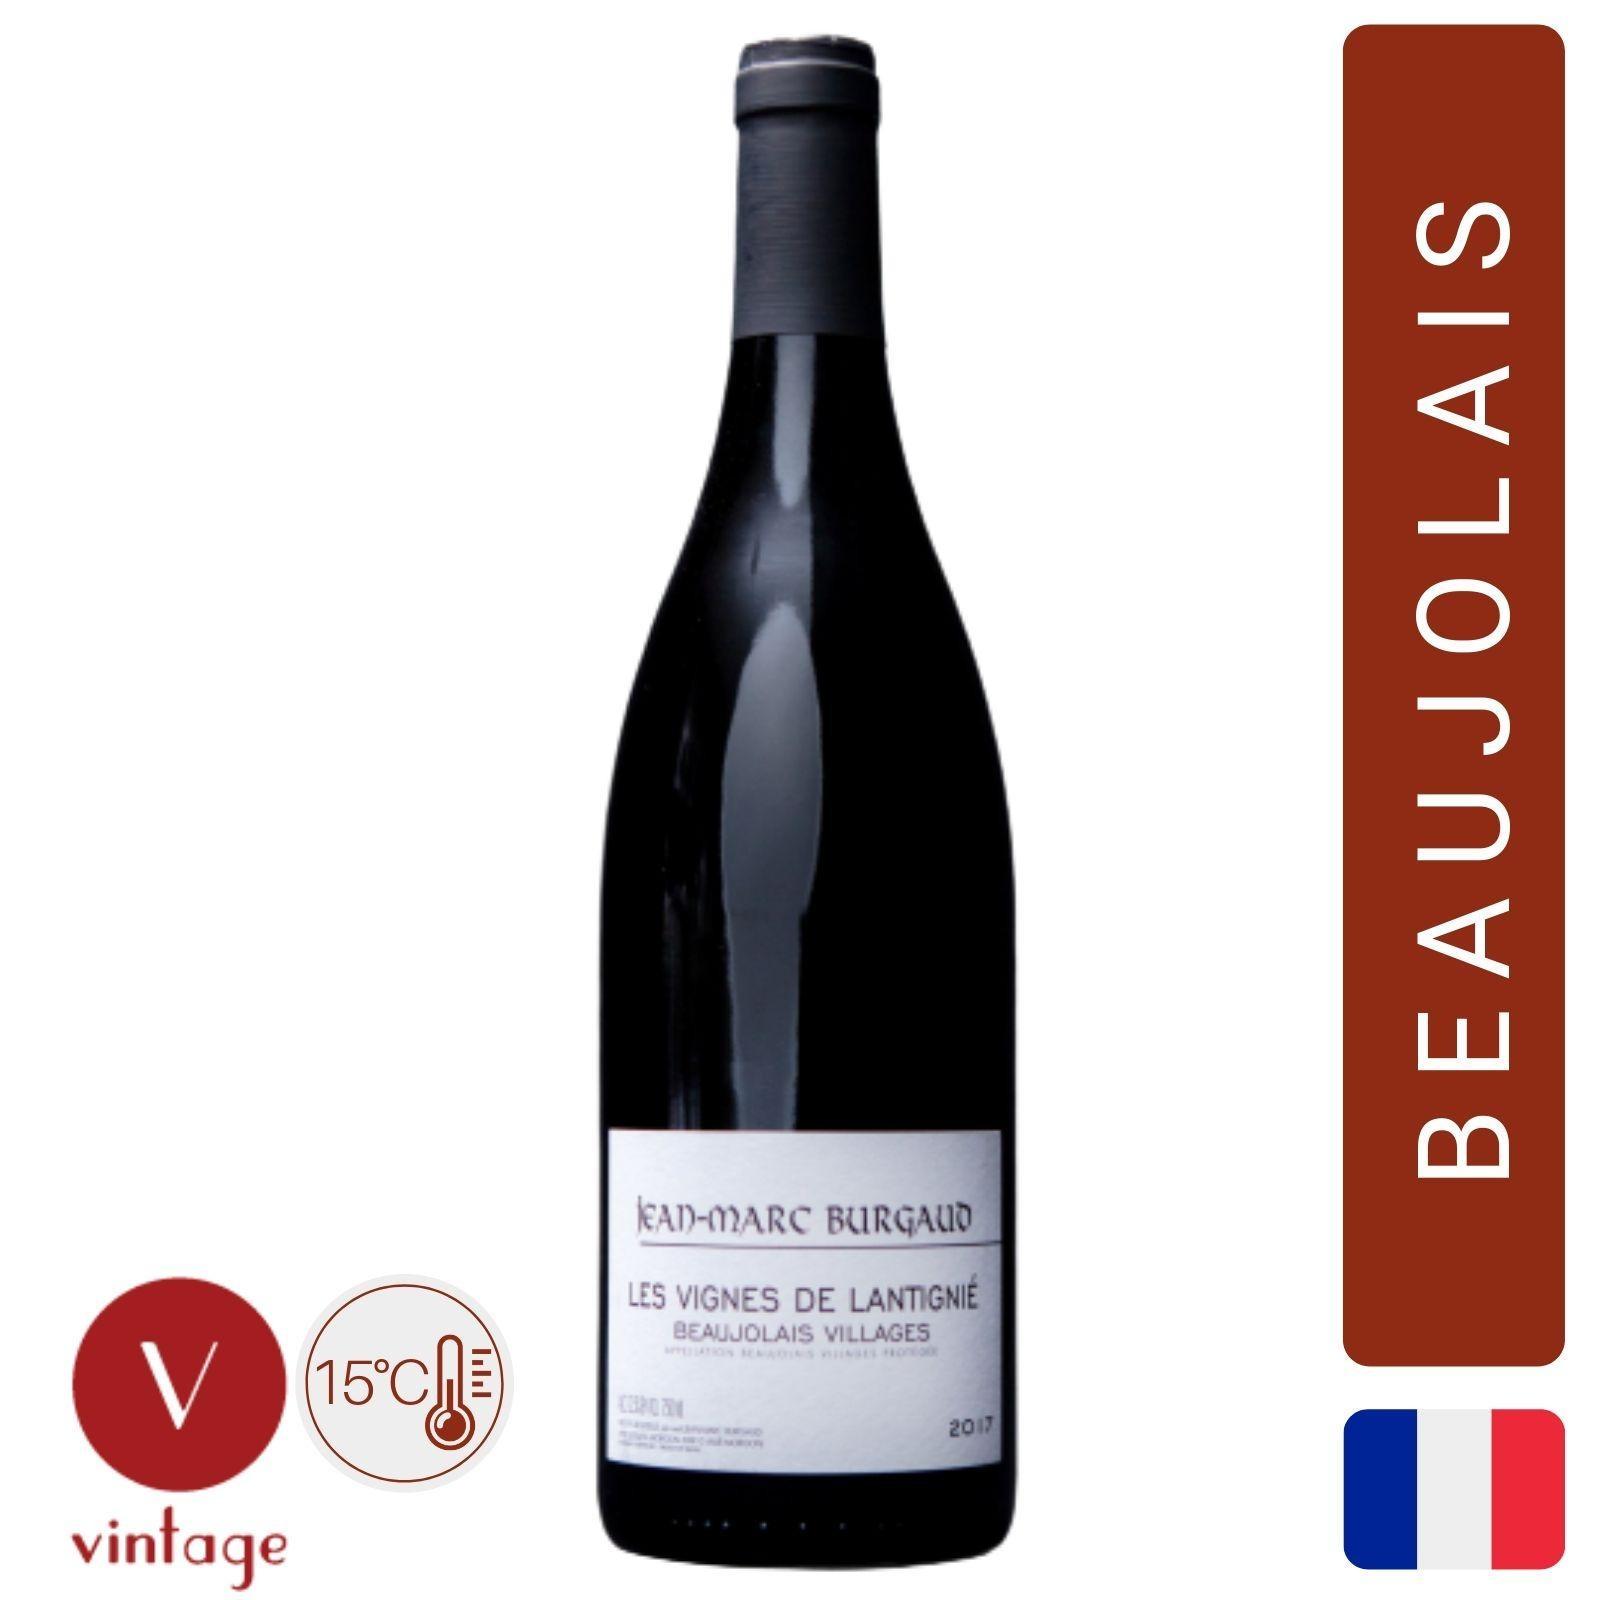 Jean-Marc Burgaud - Beaujolais Village Les Vignes de Lantine